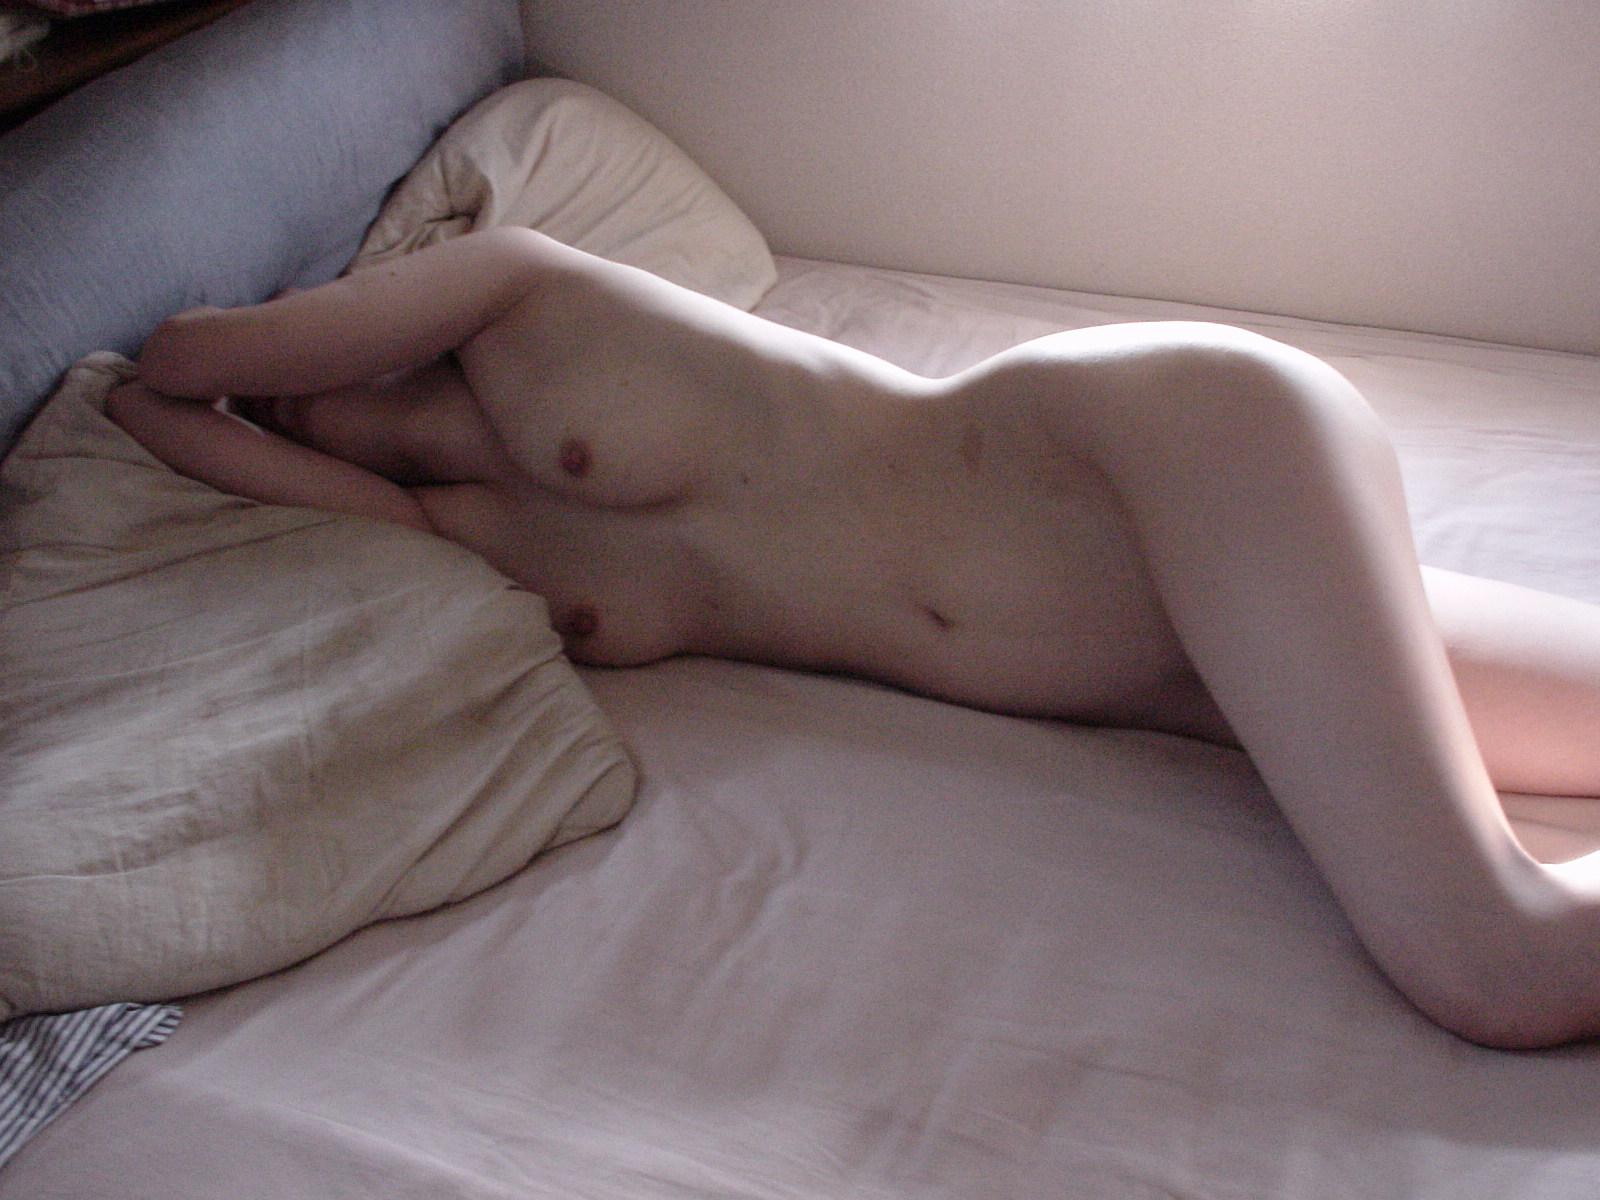 彼氏とセックスして疲れて寝てる姿を激写流出されたエロ画像 416